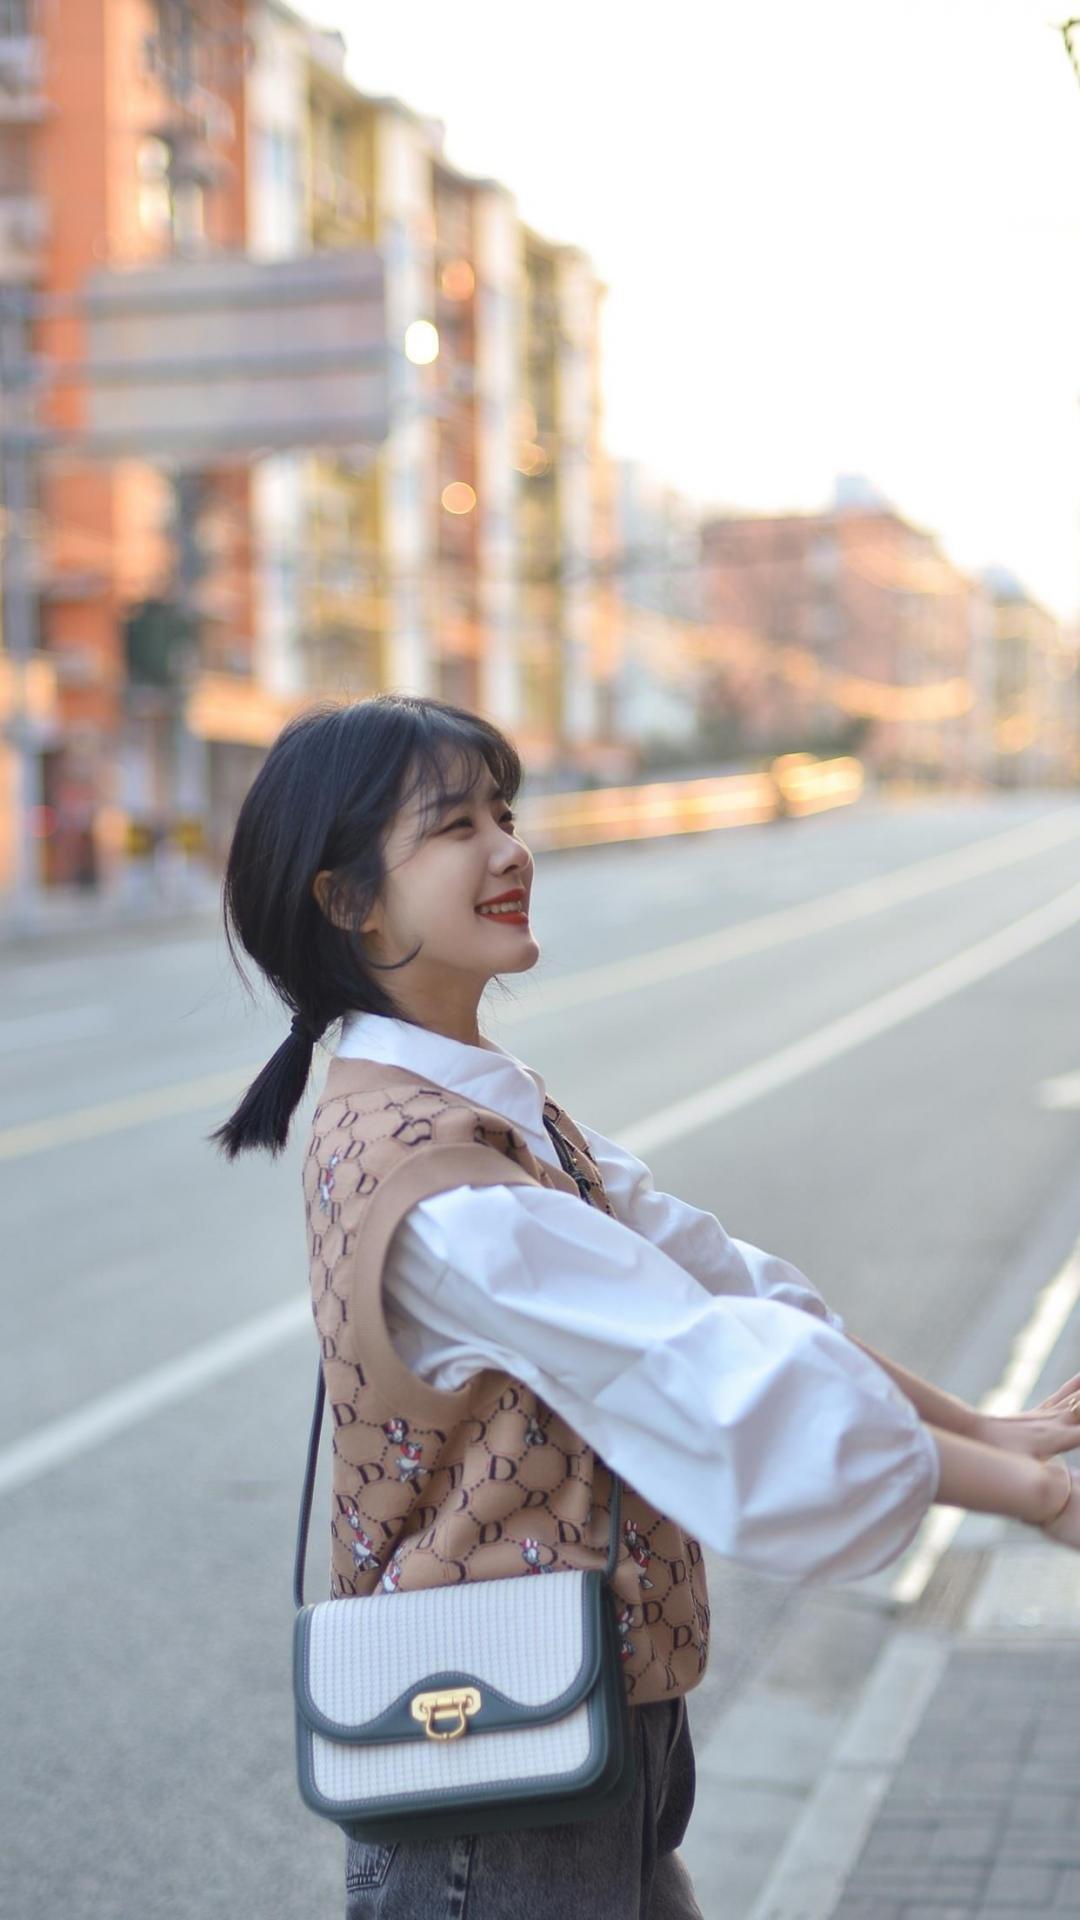 清纯可爱的街拍少女